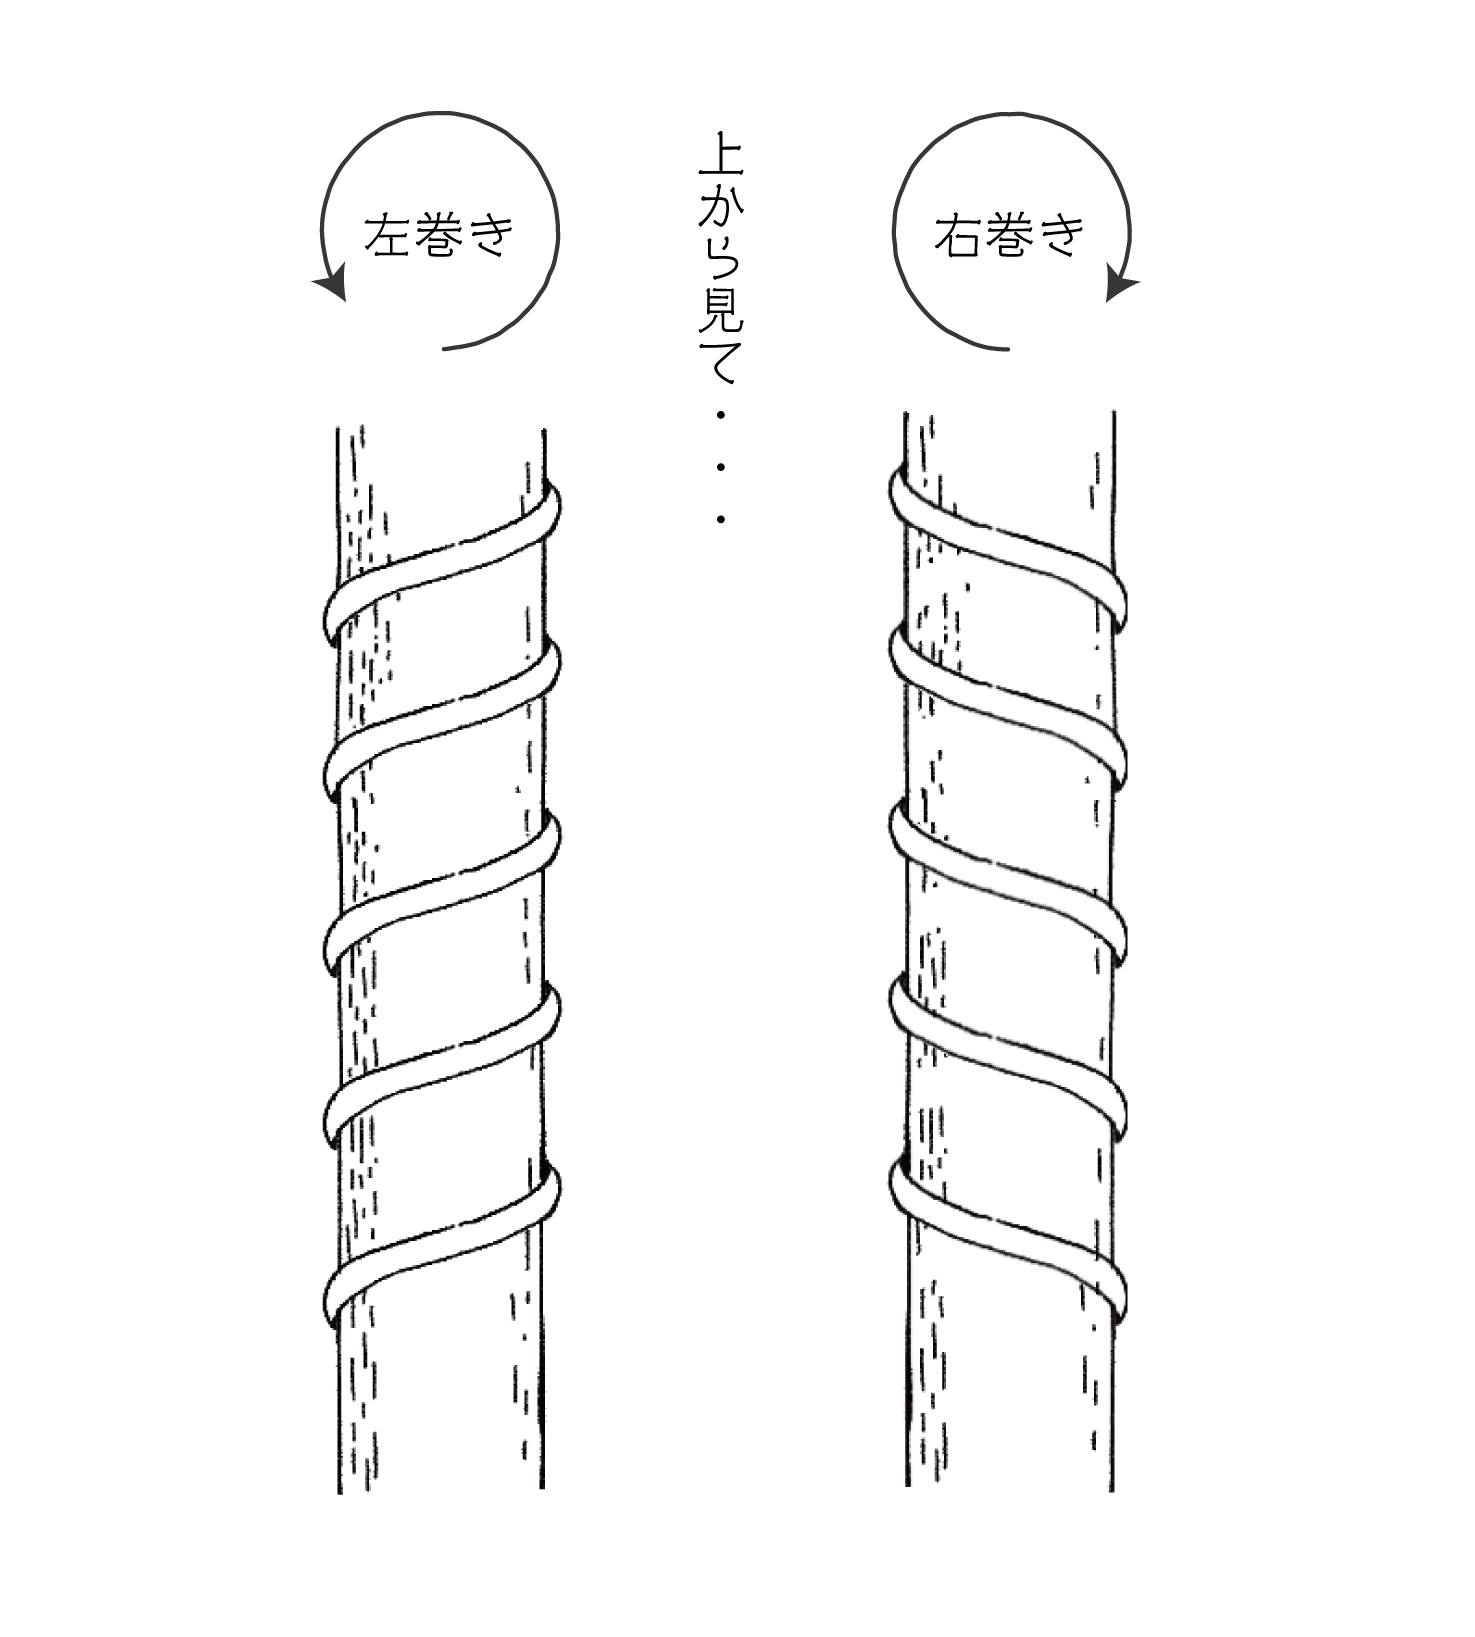 つるの左巻きと右巻き